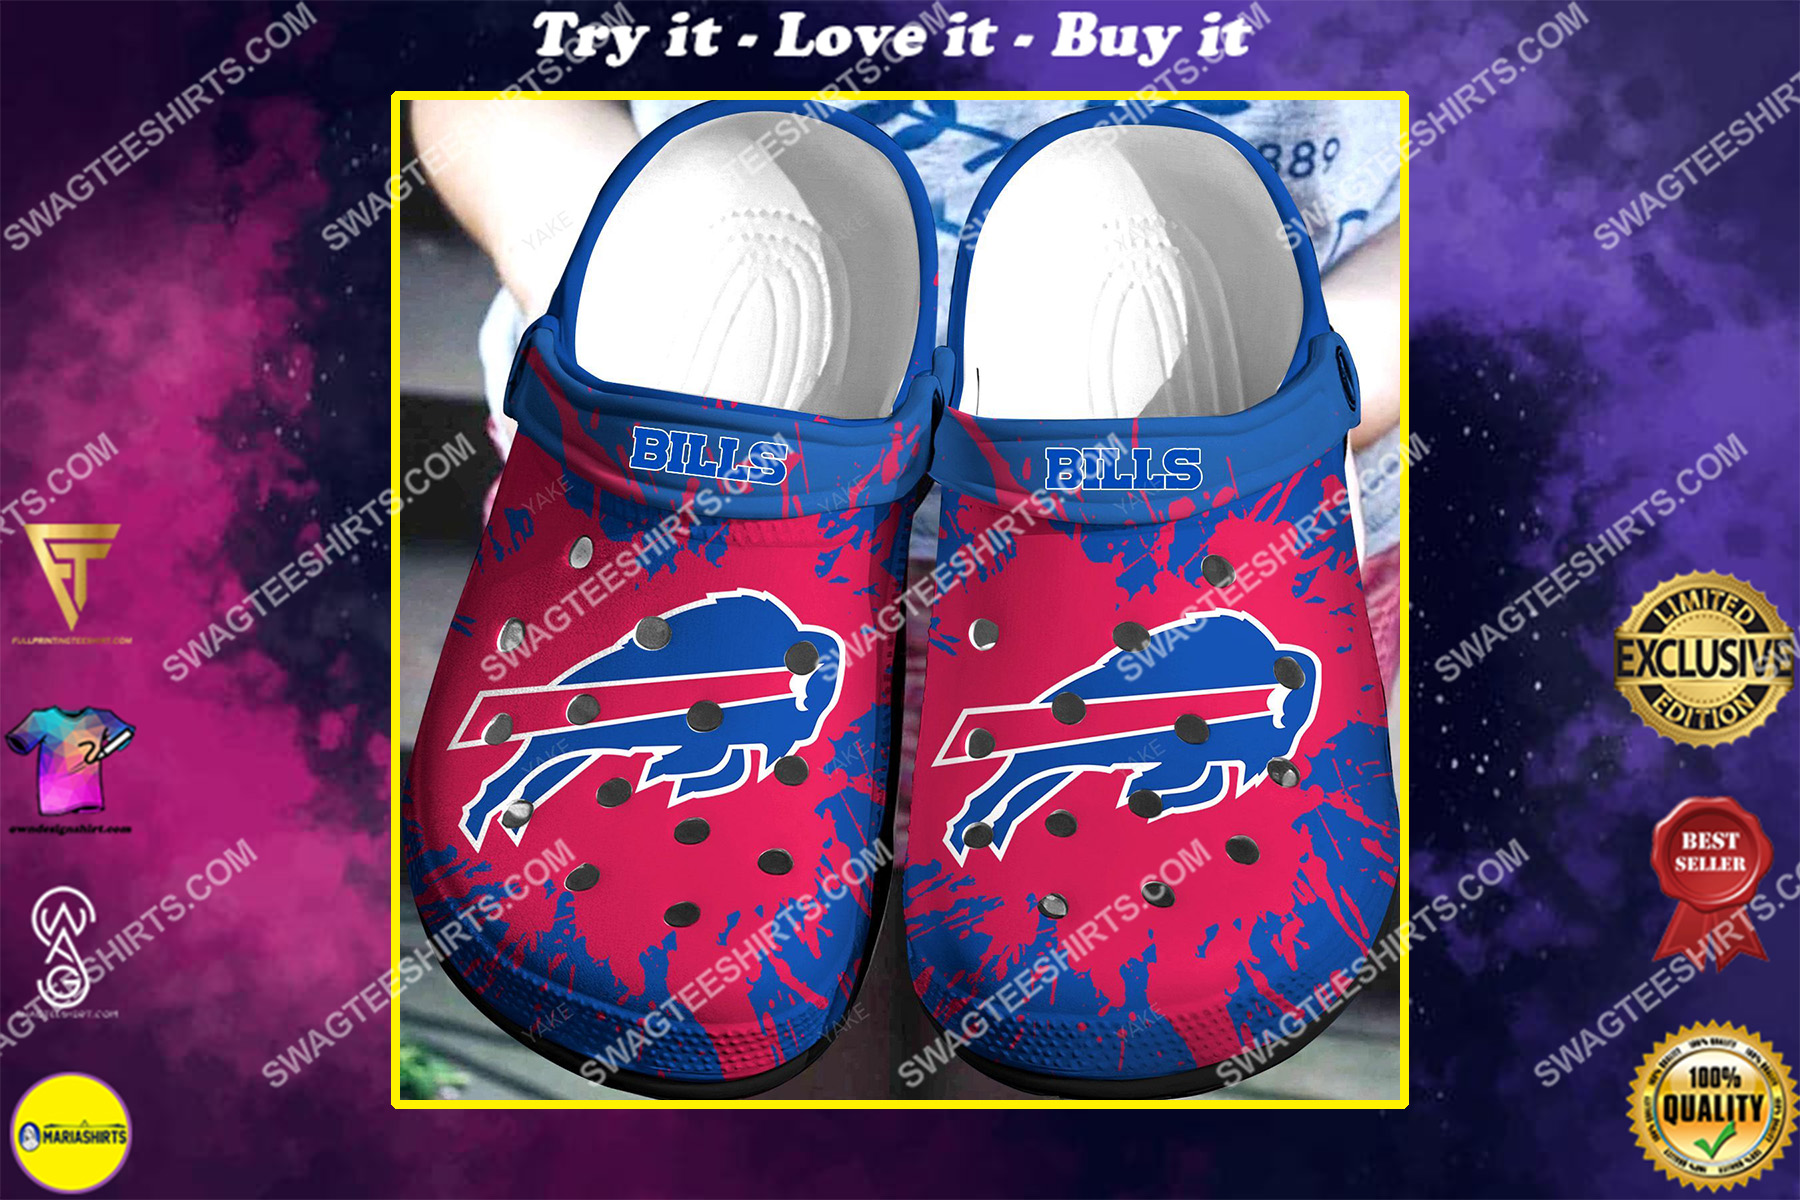 buffalo bills all over printed crocs crocband clog